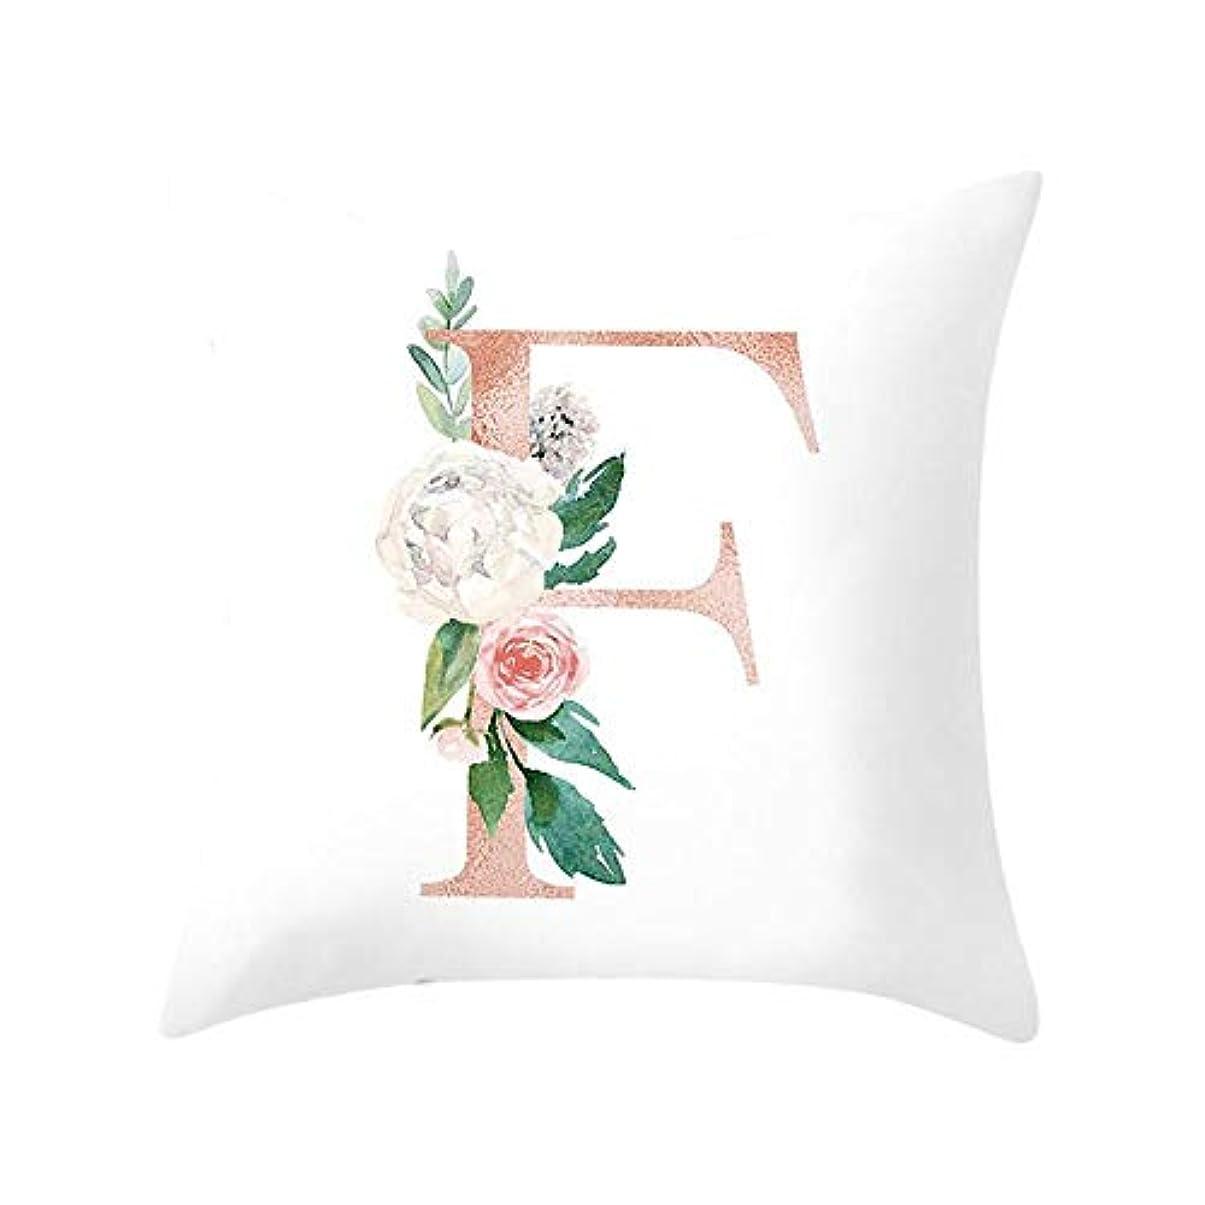 正確さ速い封筒LIFE 装飾クッションソファ手紙枕アルファベットクッション印刷ソファ家の装飾の花枕 coussin decoratif クッション 椅子